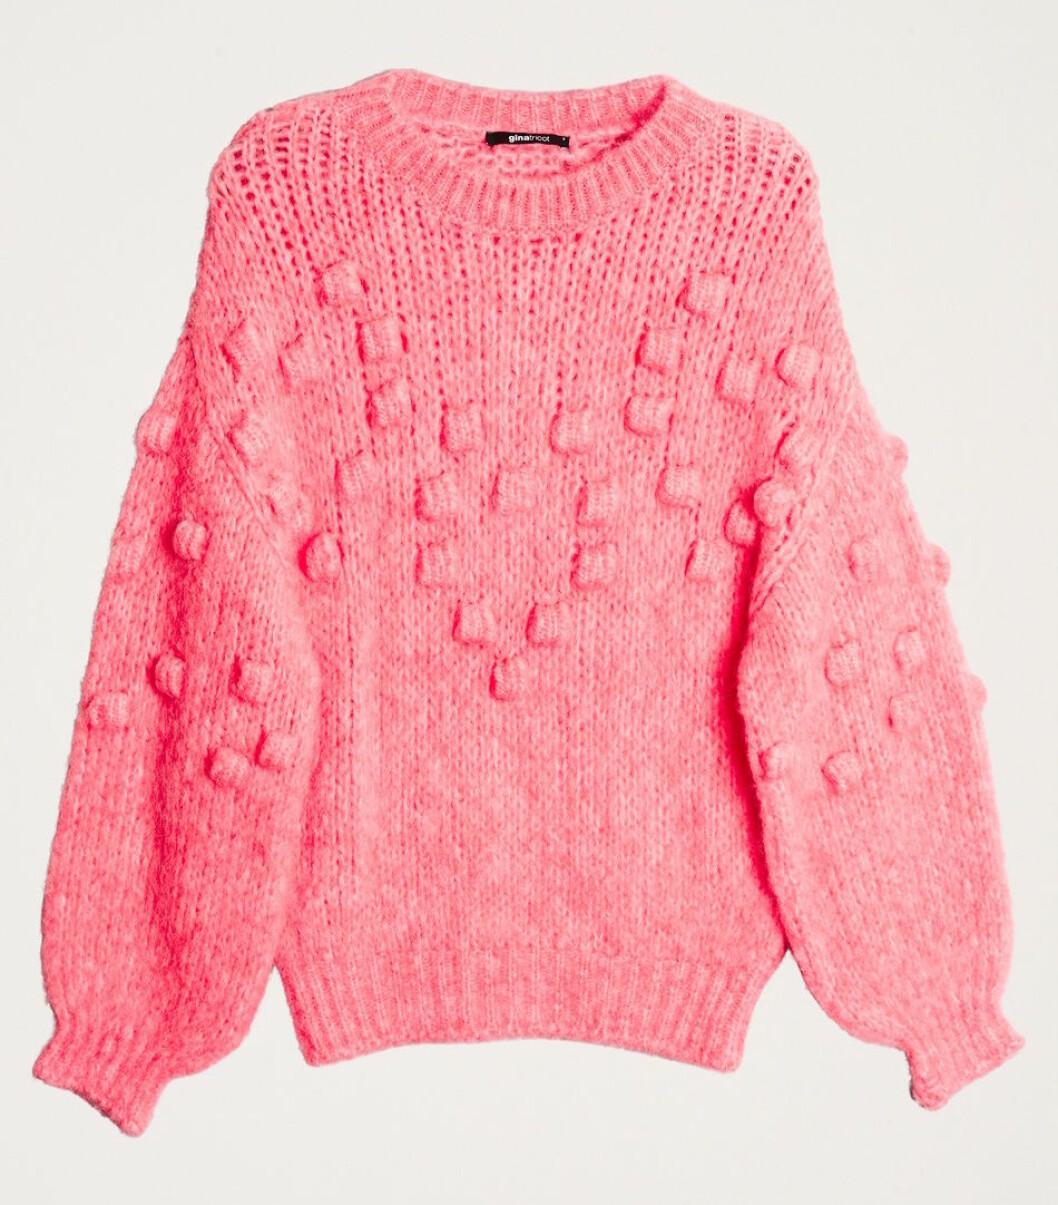 Rosa stickad tröja till vintern